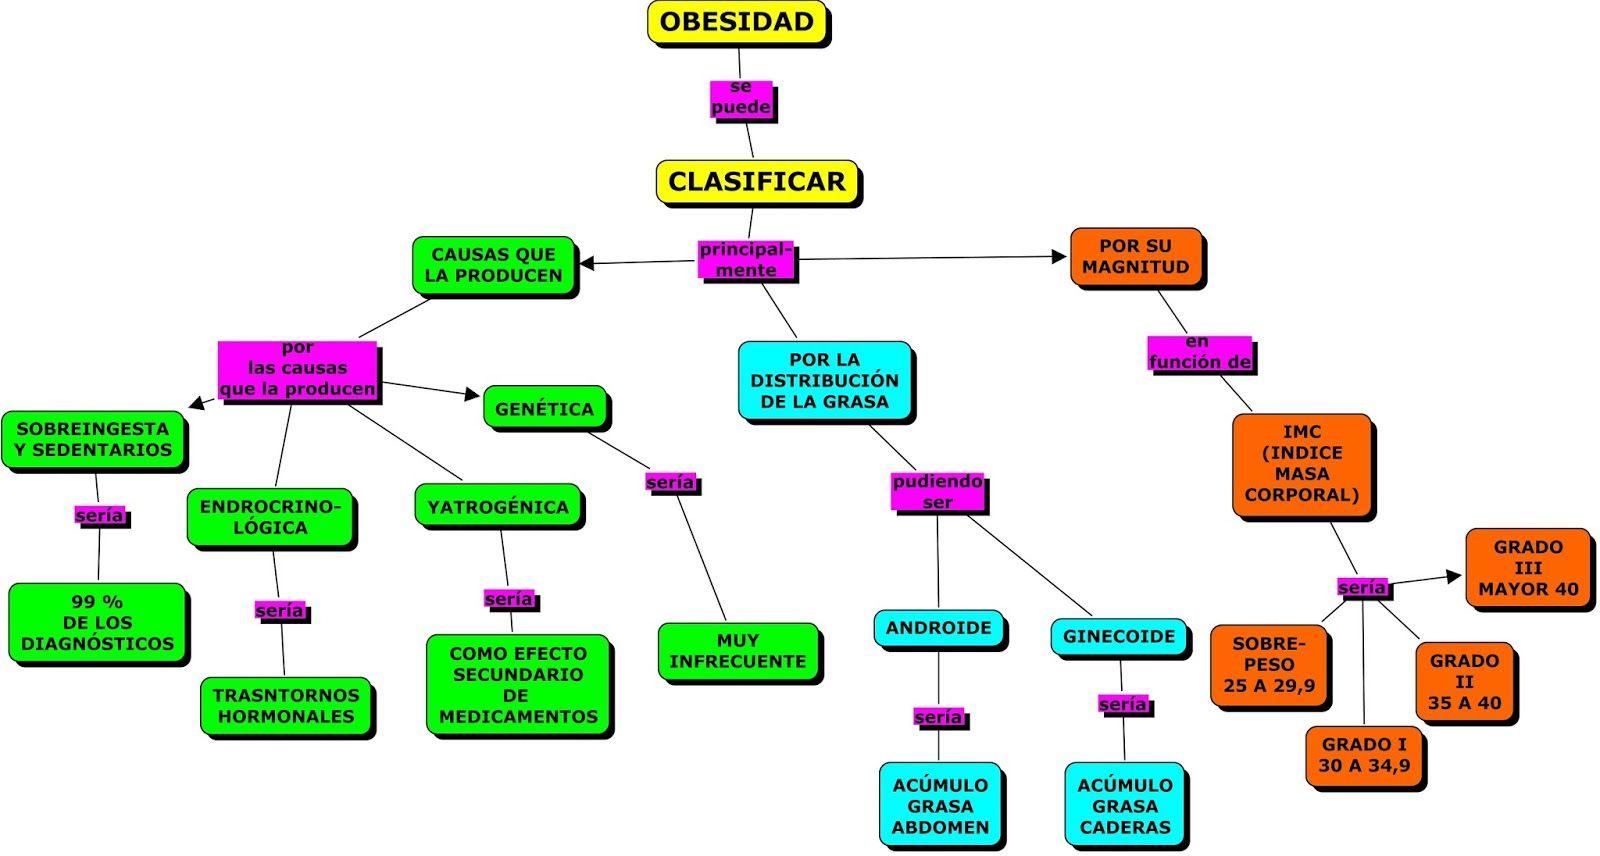 Resultado De Imagen Para Mapa Conceptual Tratamiento Para Obesidad Obesidad Mapa Conceptual Mapas